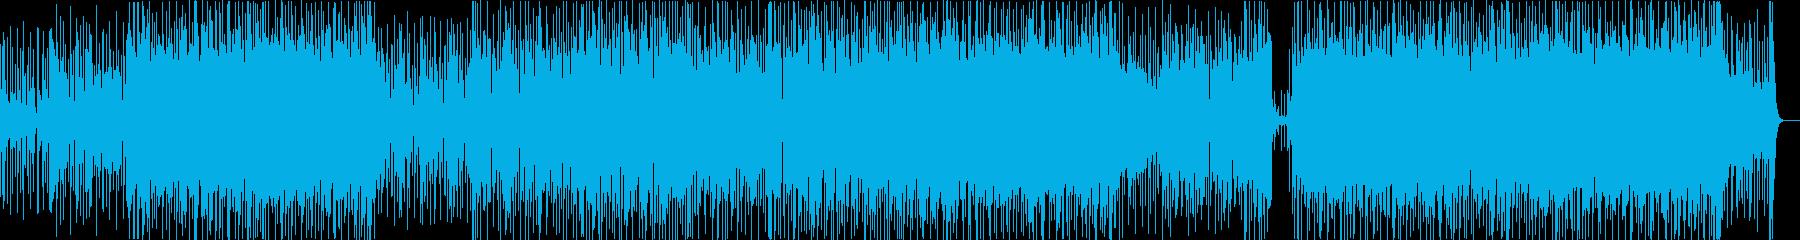 元気で明るいポップロック/OP・CM向けの再生済みの波形